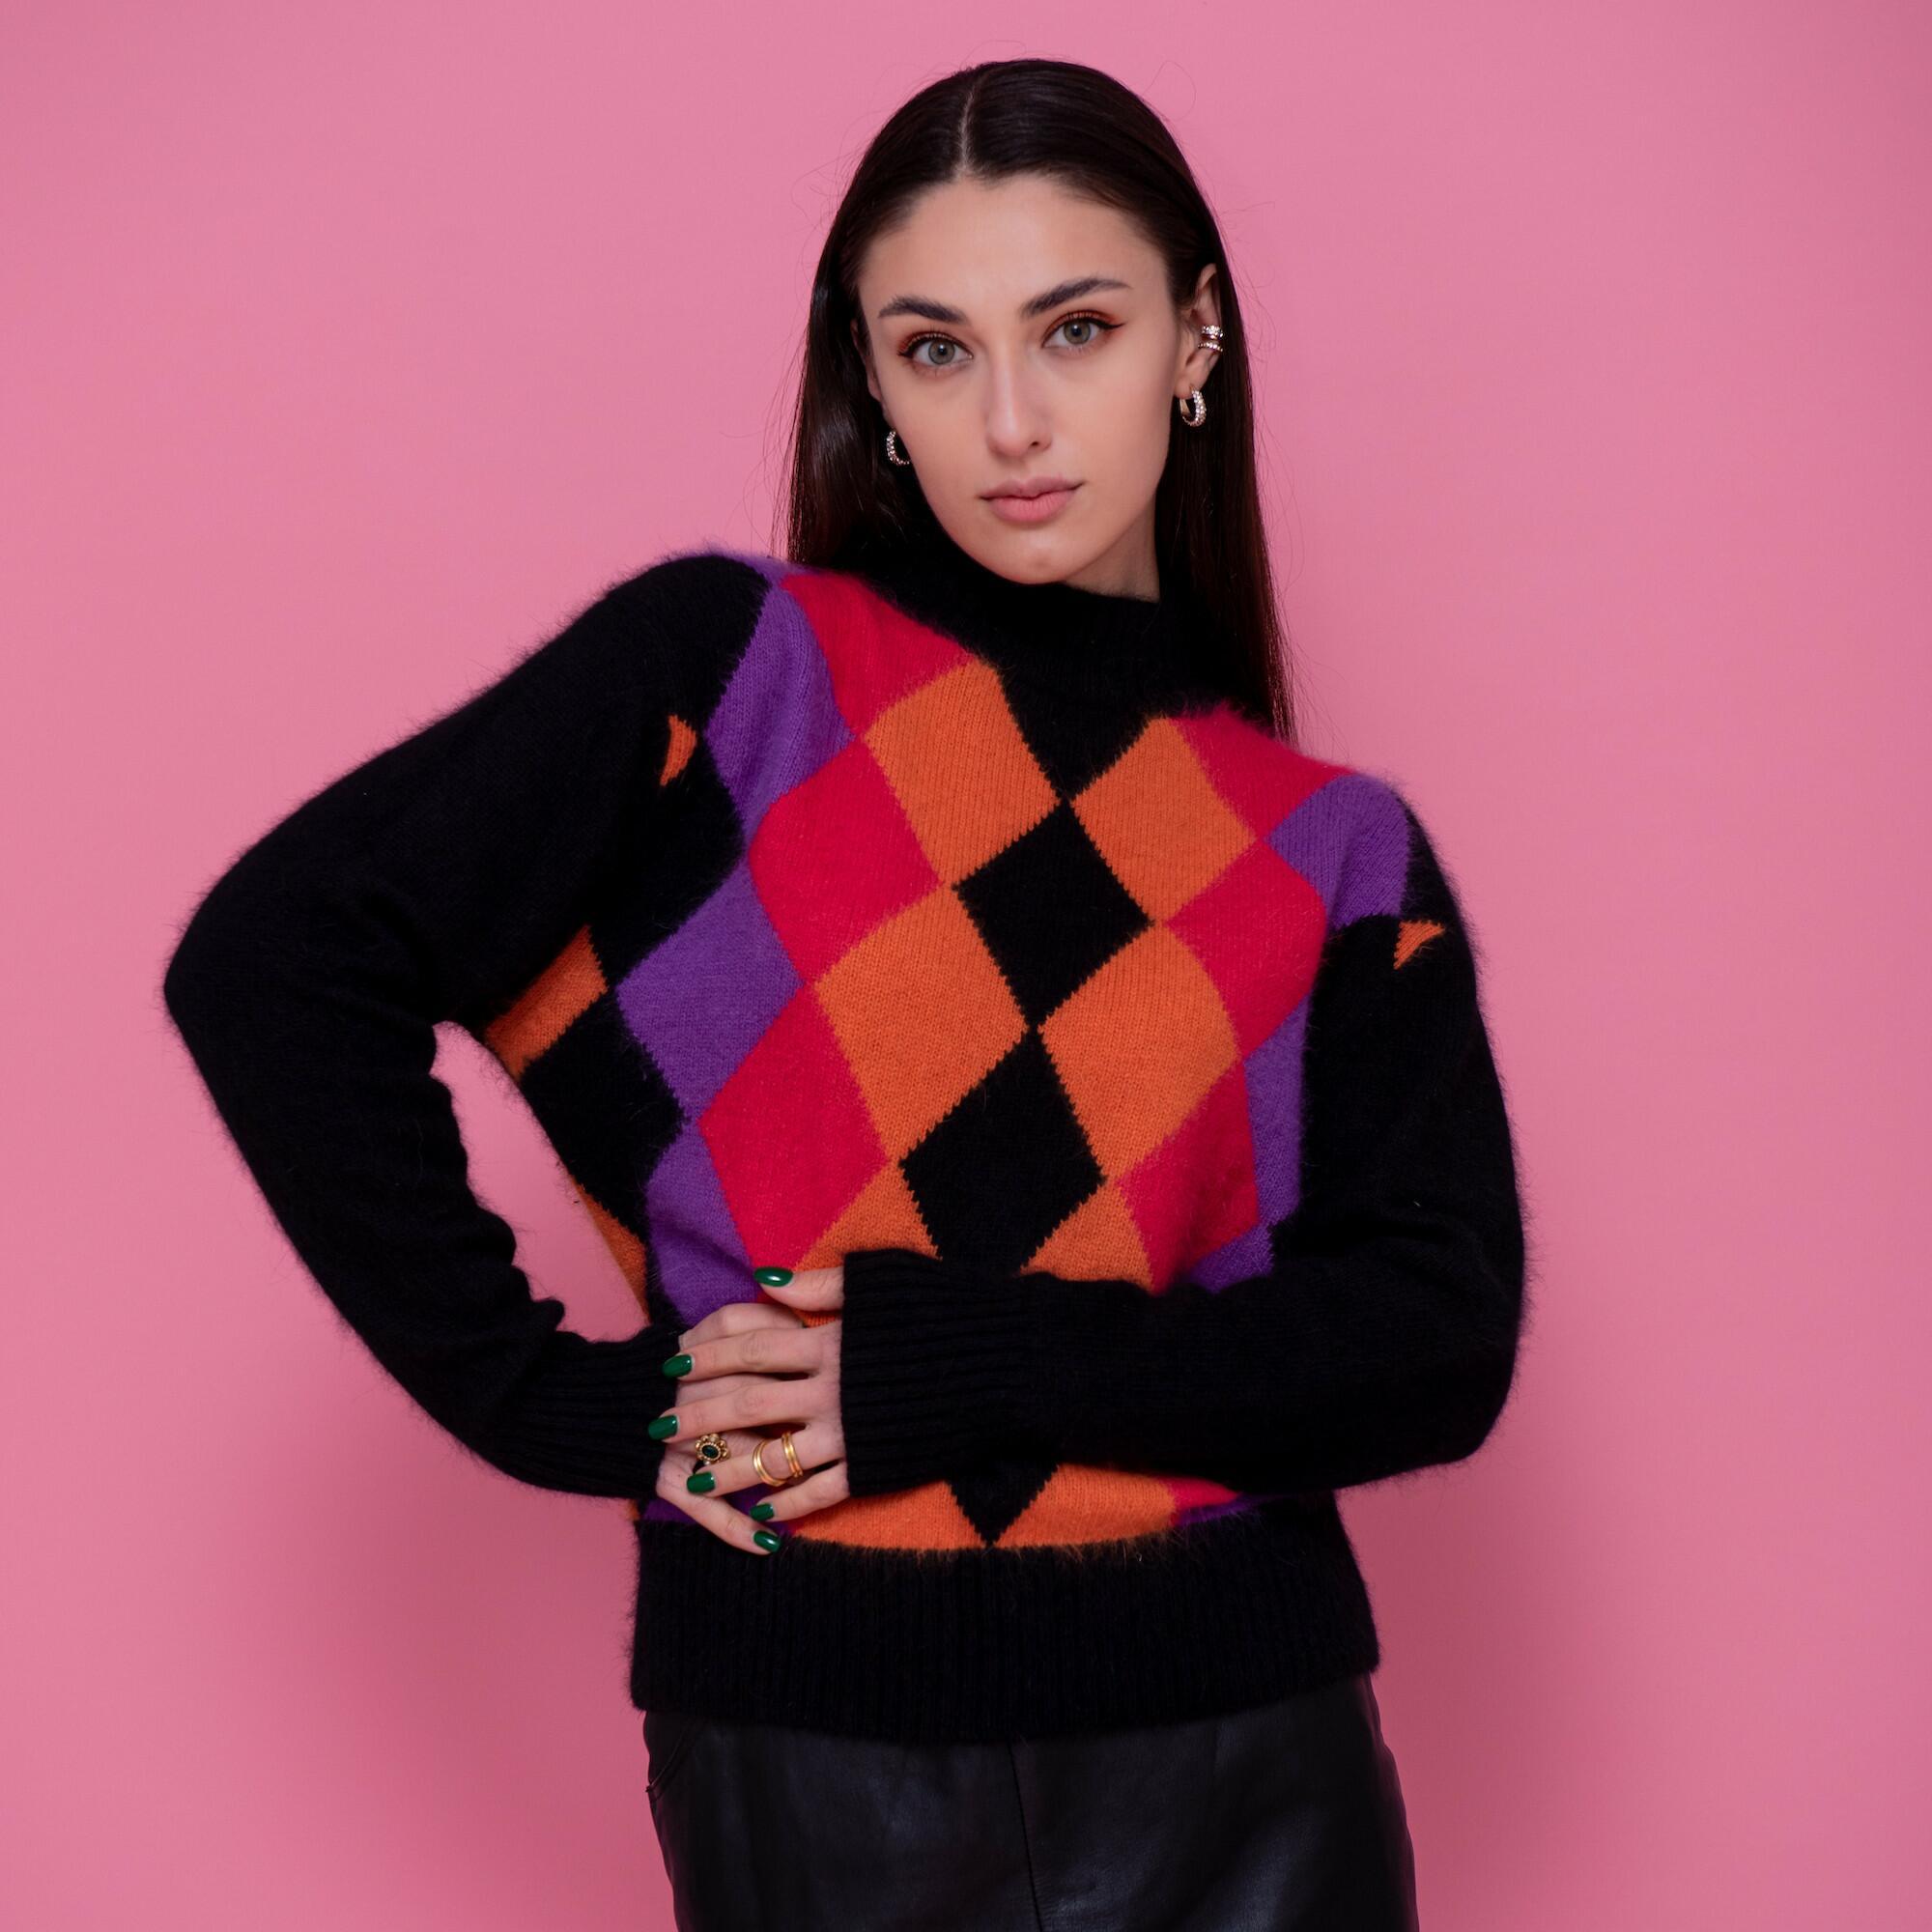 Czarny sweter z golfem z angory w romby - KEX Vintage Store | JestemSlow.pl